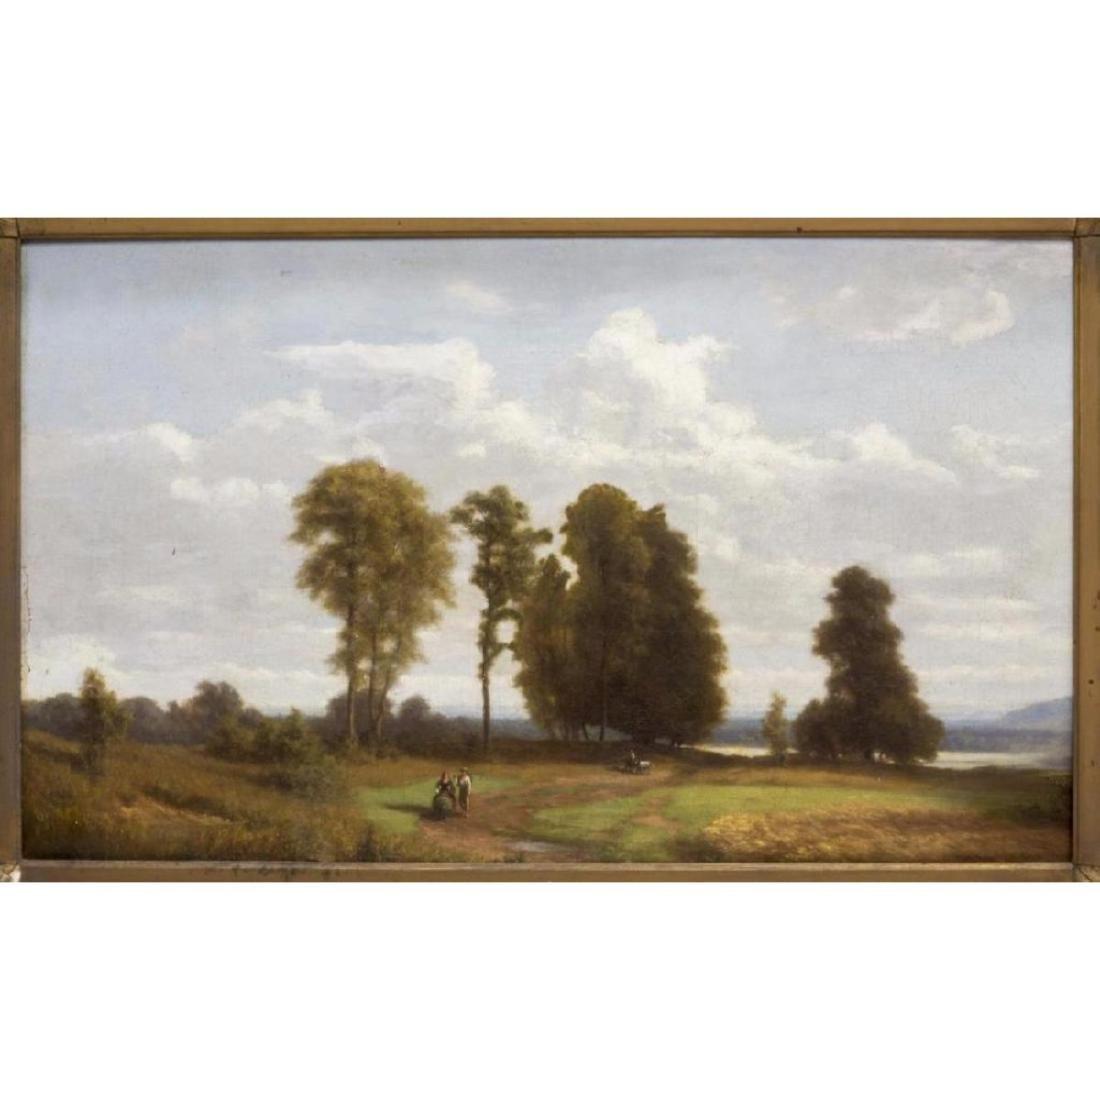 Framed Oil On Board Painting, Landscape - 3